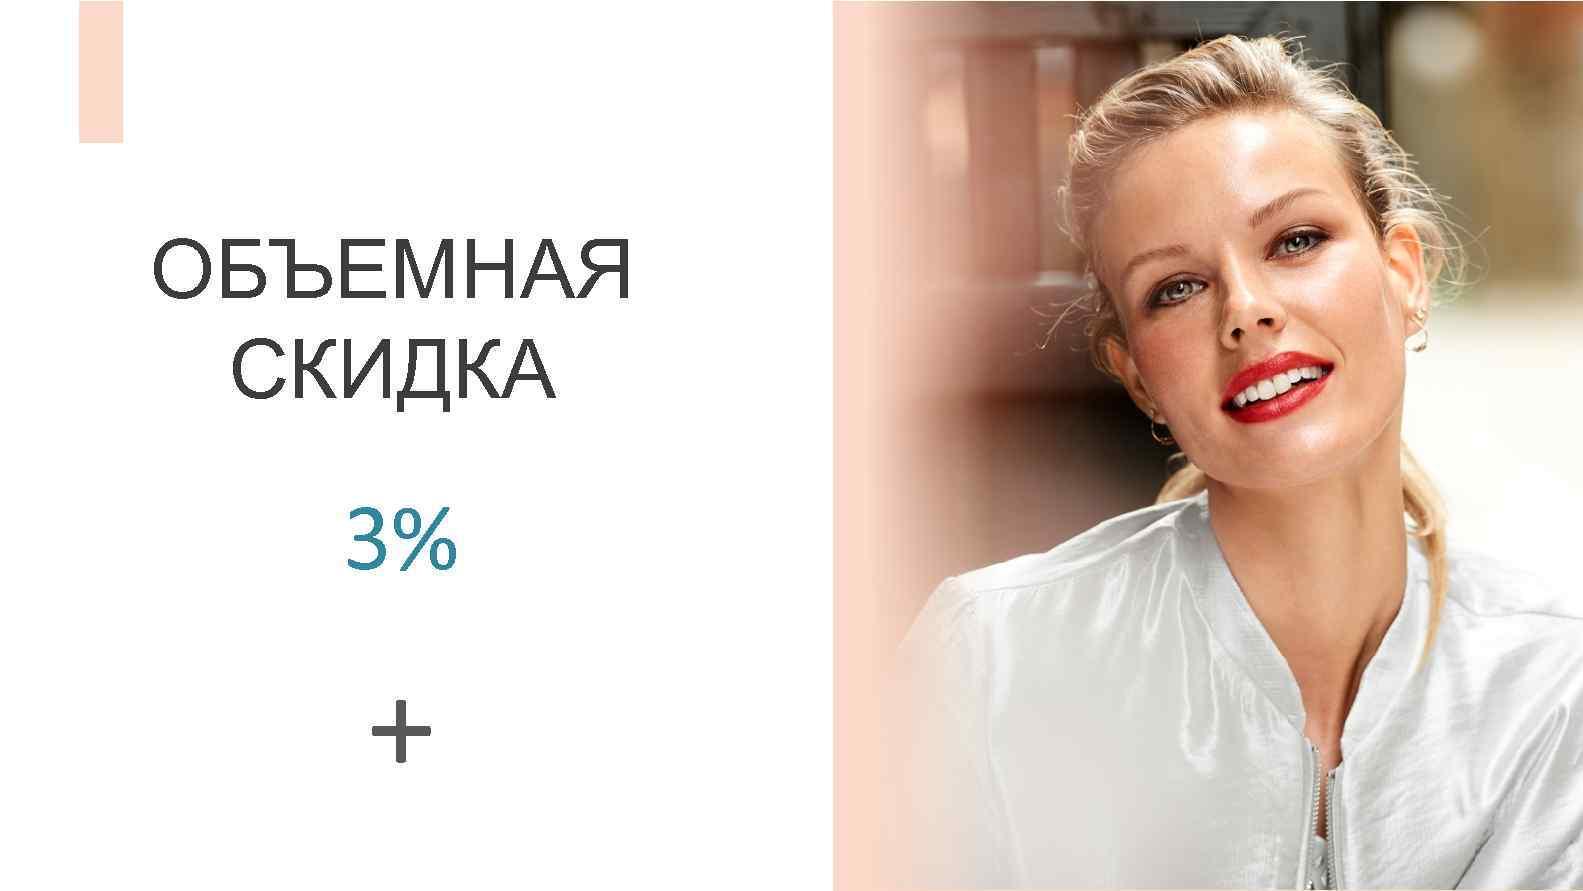 ОБЪЕМНАЯ СКИДКА 3% +